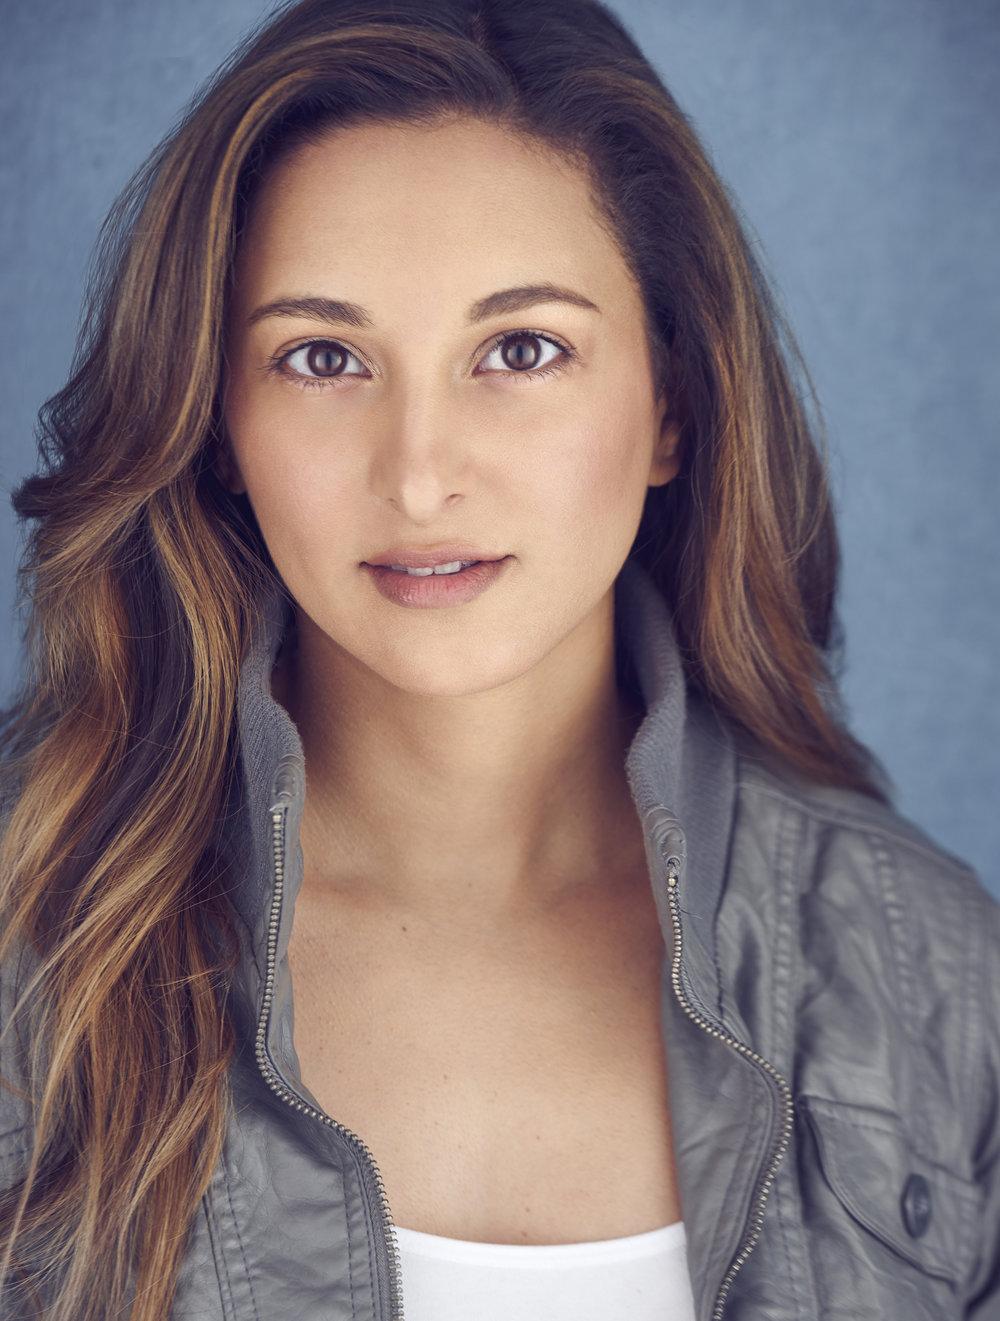 GRACE SUBERVI - Actríz, Presentadora, y Cantante especializada en el entretenimiento internacional.Su dominio del Ingles, Español, Coreano, y Francés la posiciona como un enlace entre los mercados Ibero-Latino, Asiatico, y Americano.Ella protagoniza la serie coreana